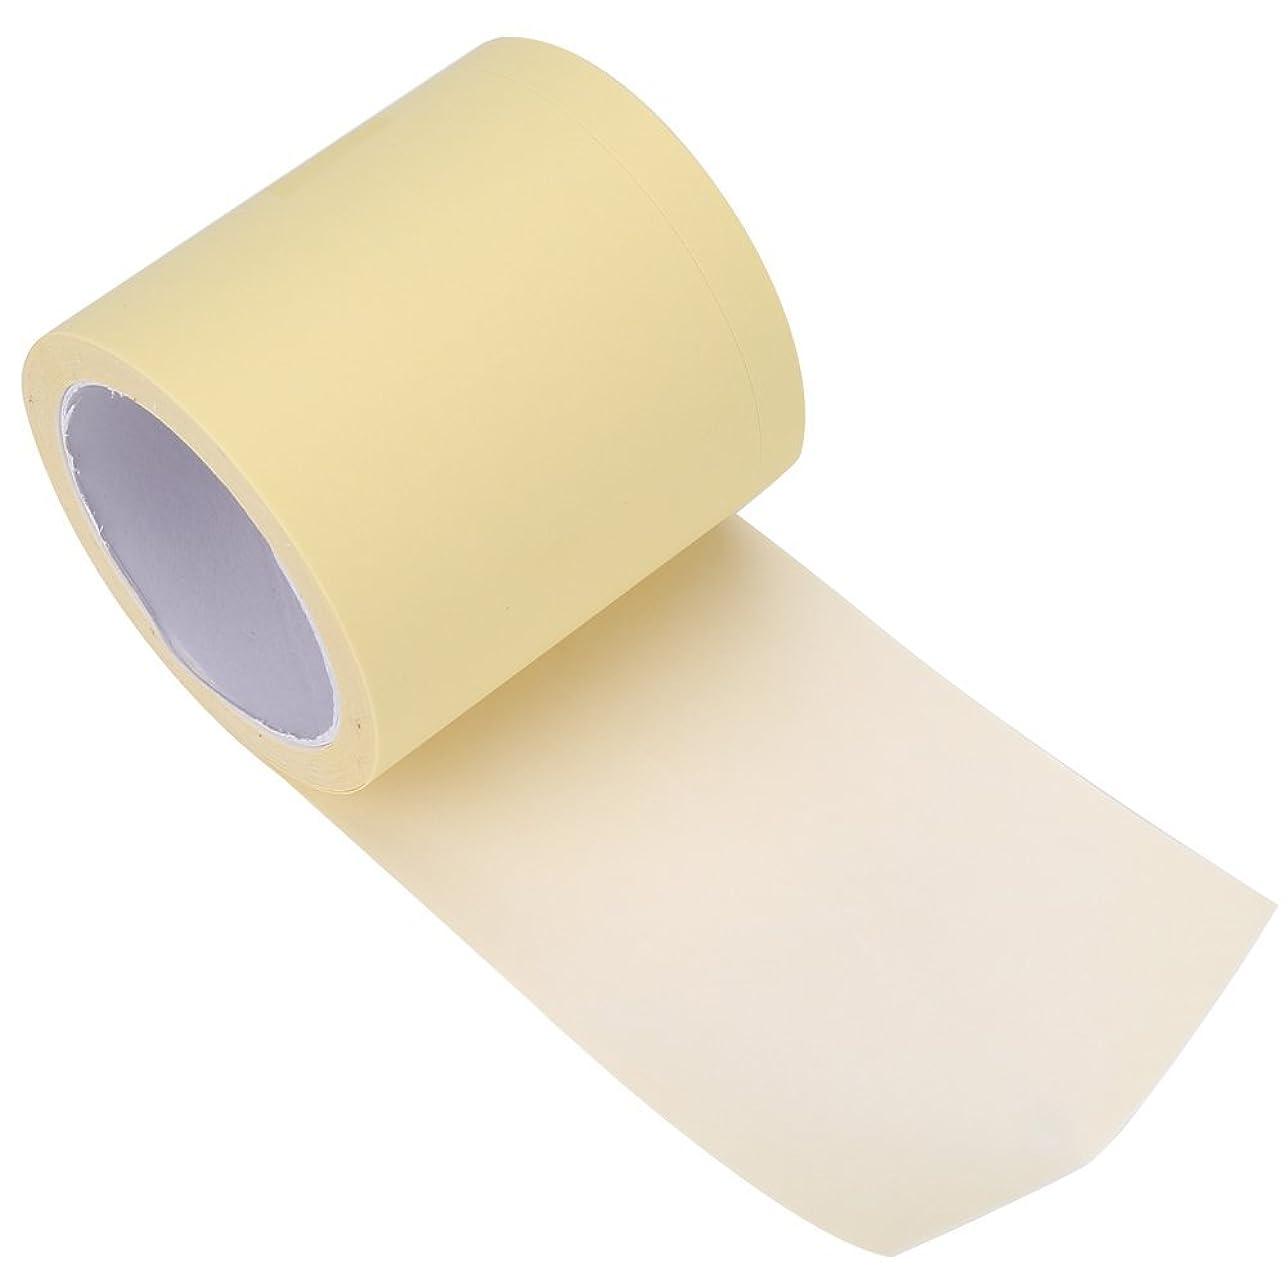 効能したがって絶え間ない5PCS使い捨て汗防止パッド、脇の下シート脇の下シールド制汗剤パッド